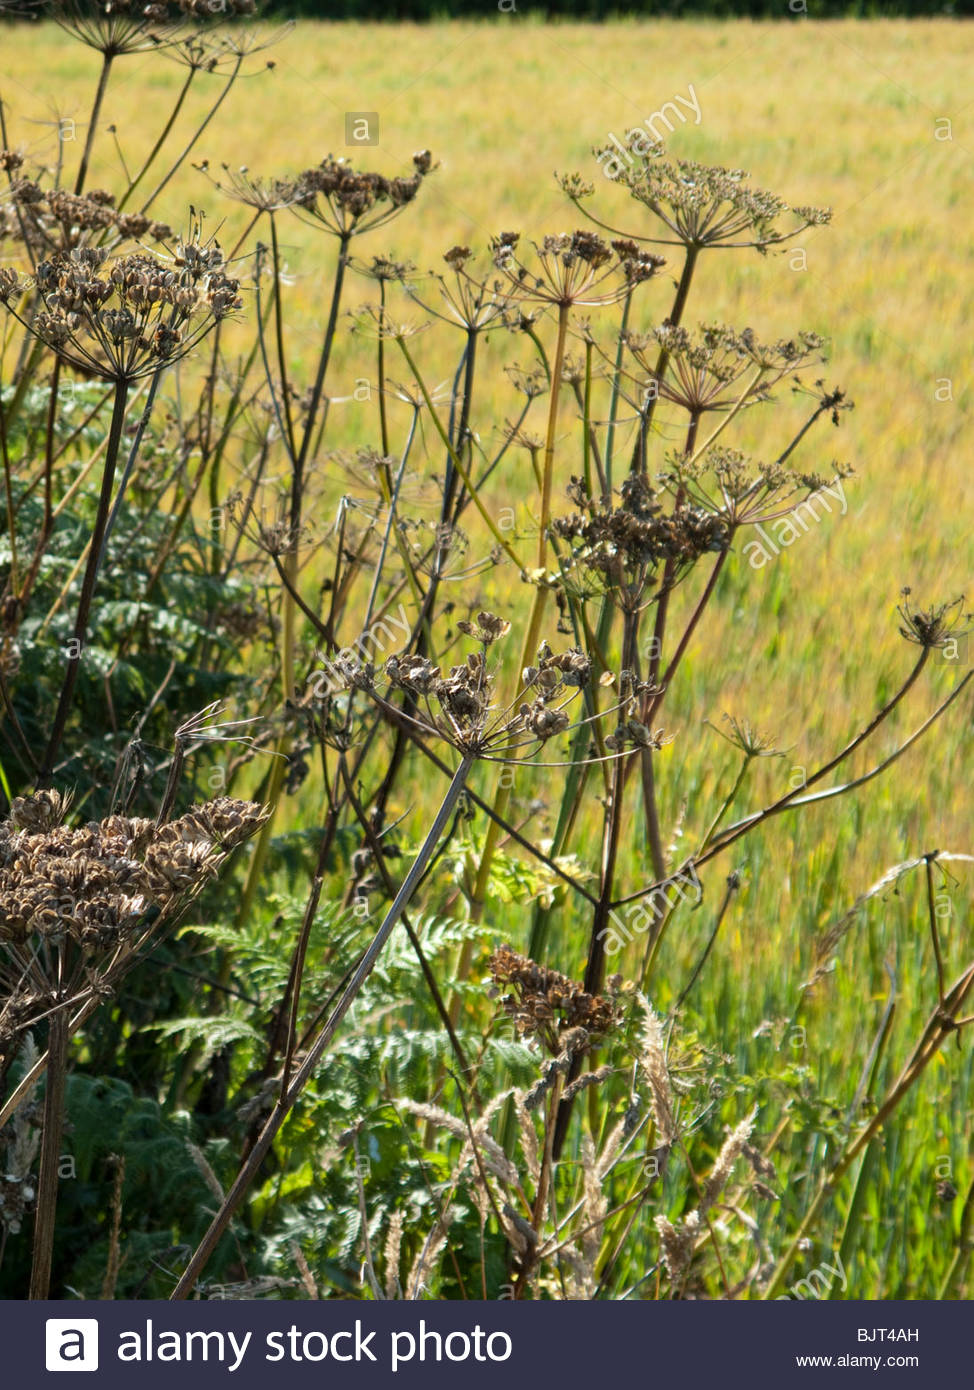 Semillas de Hogweed en el borde del campo a finales de verano Imagen De Stock